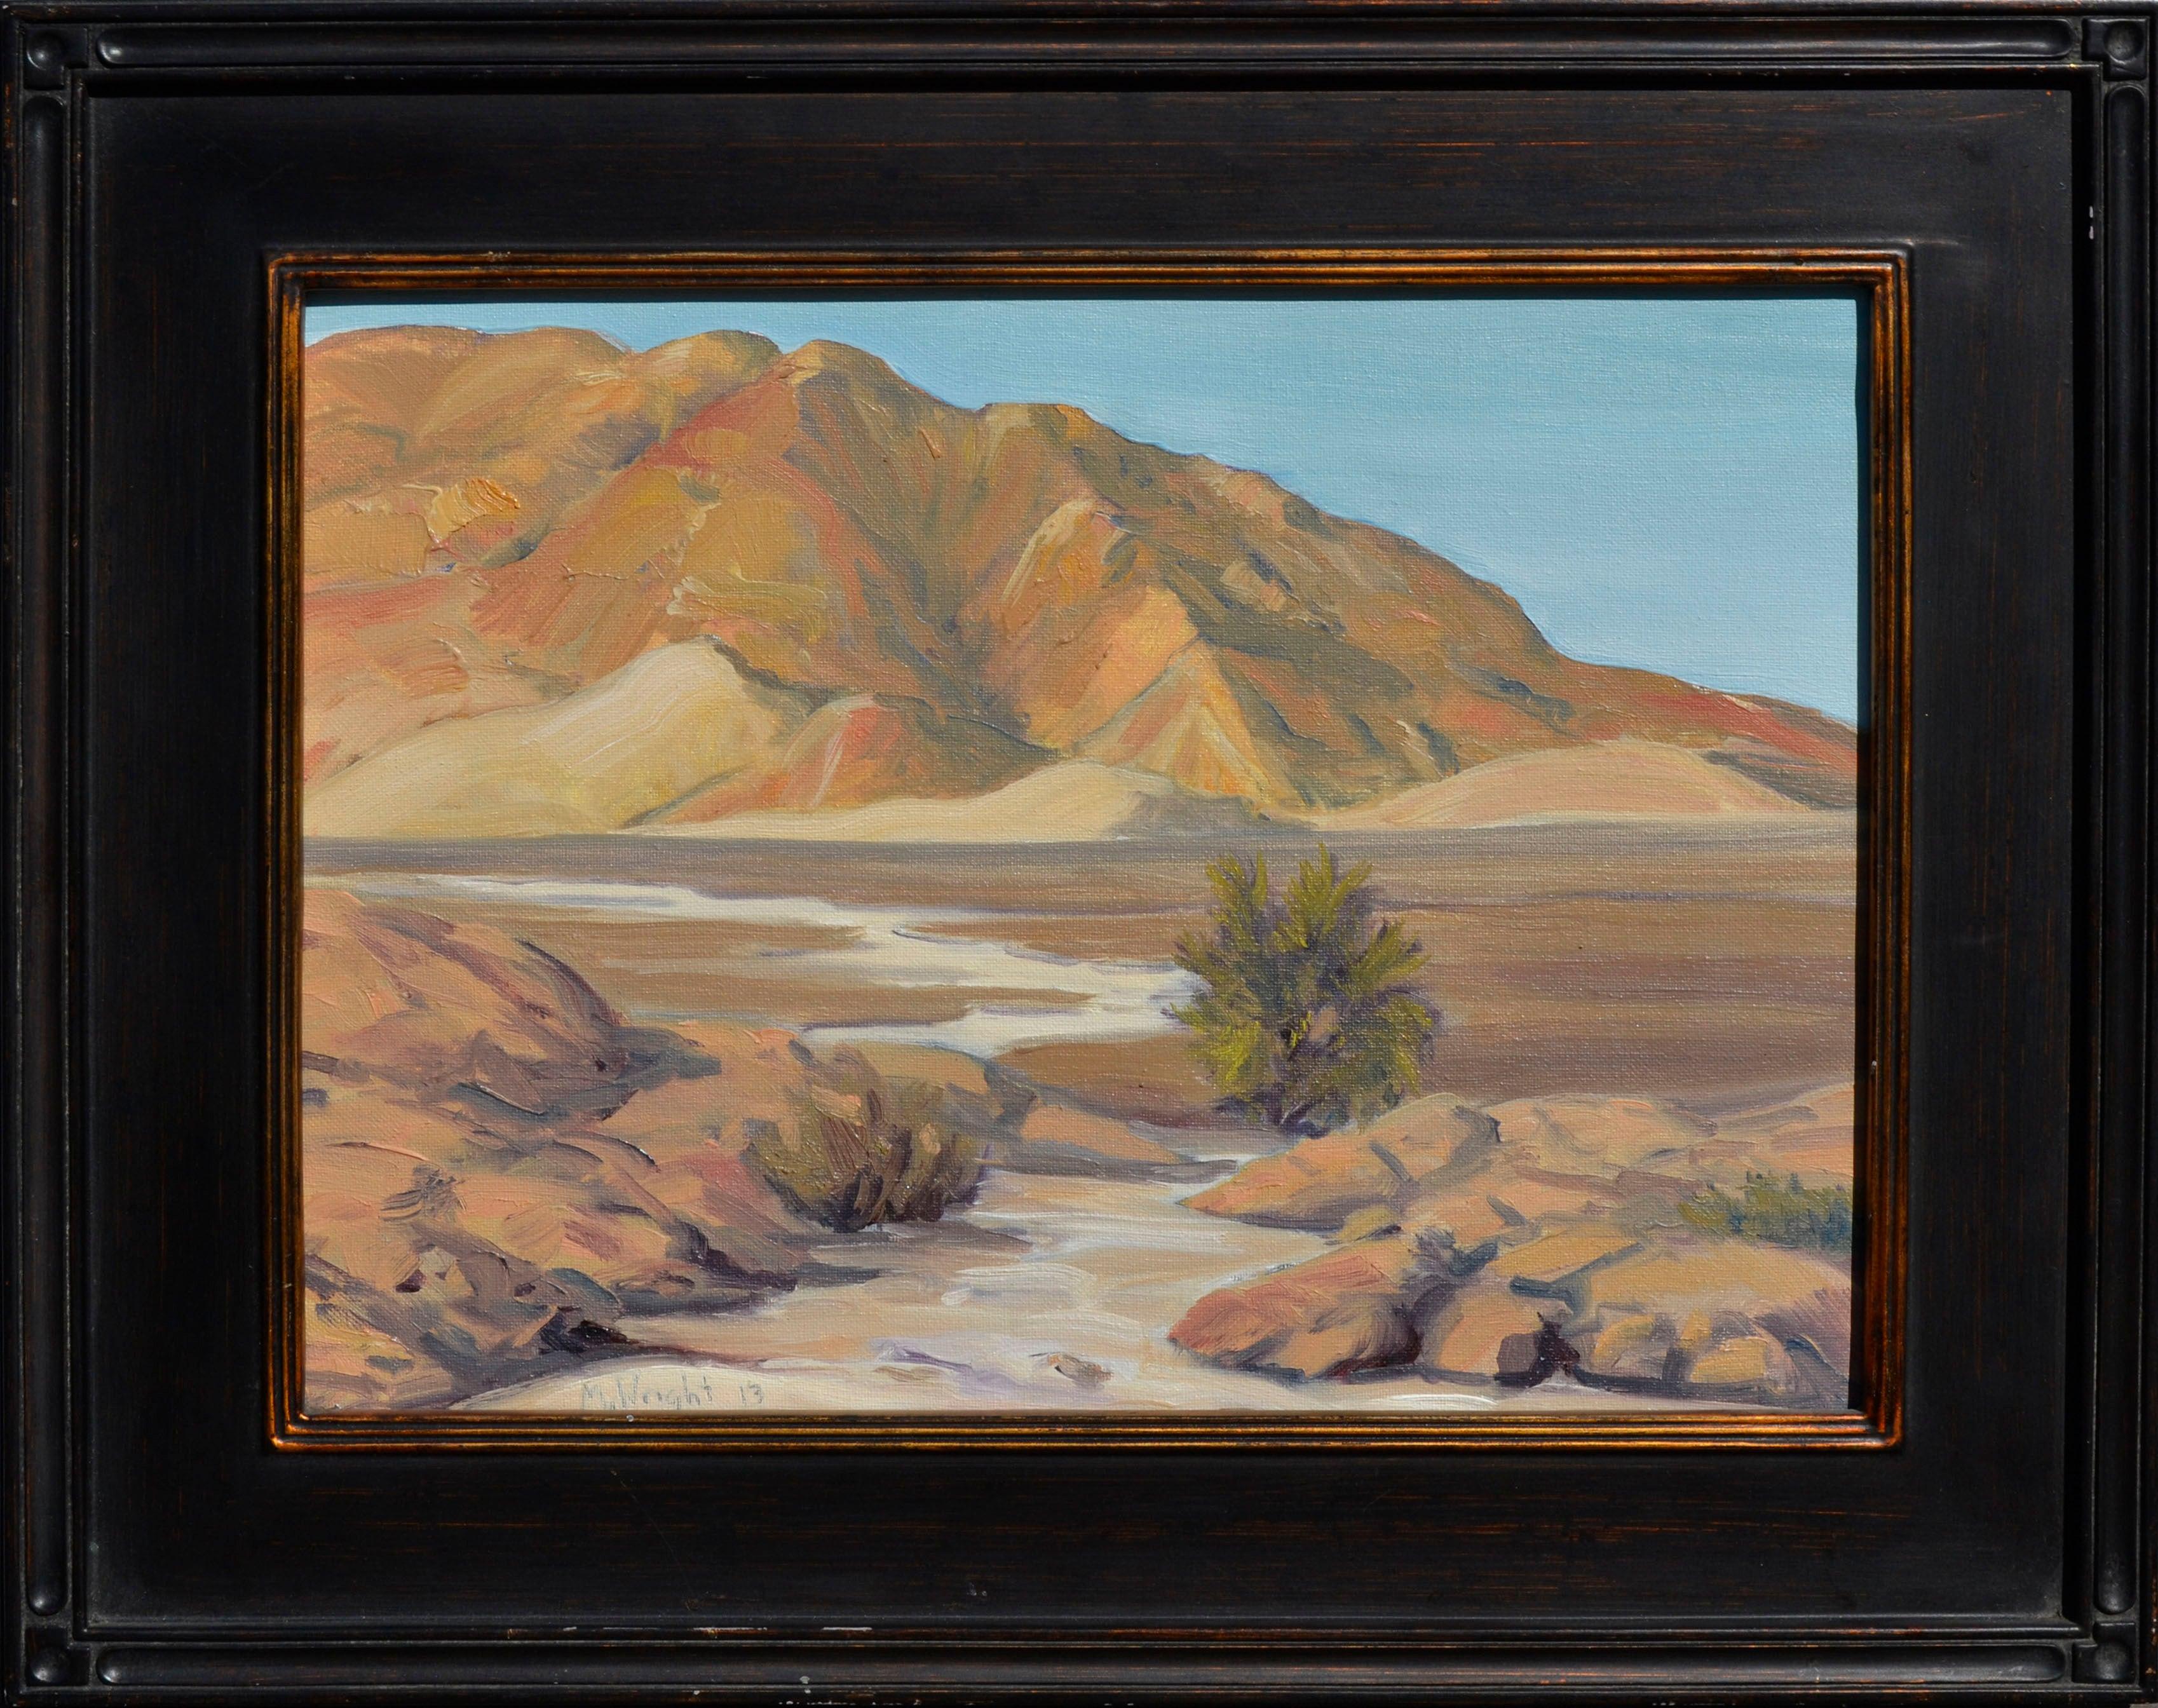 Panamint Valley Landscape